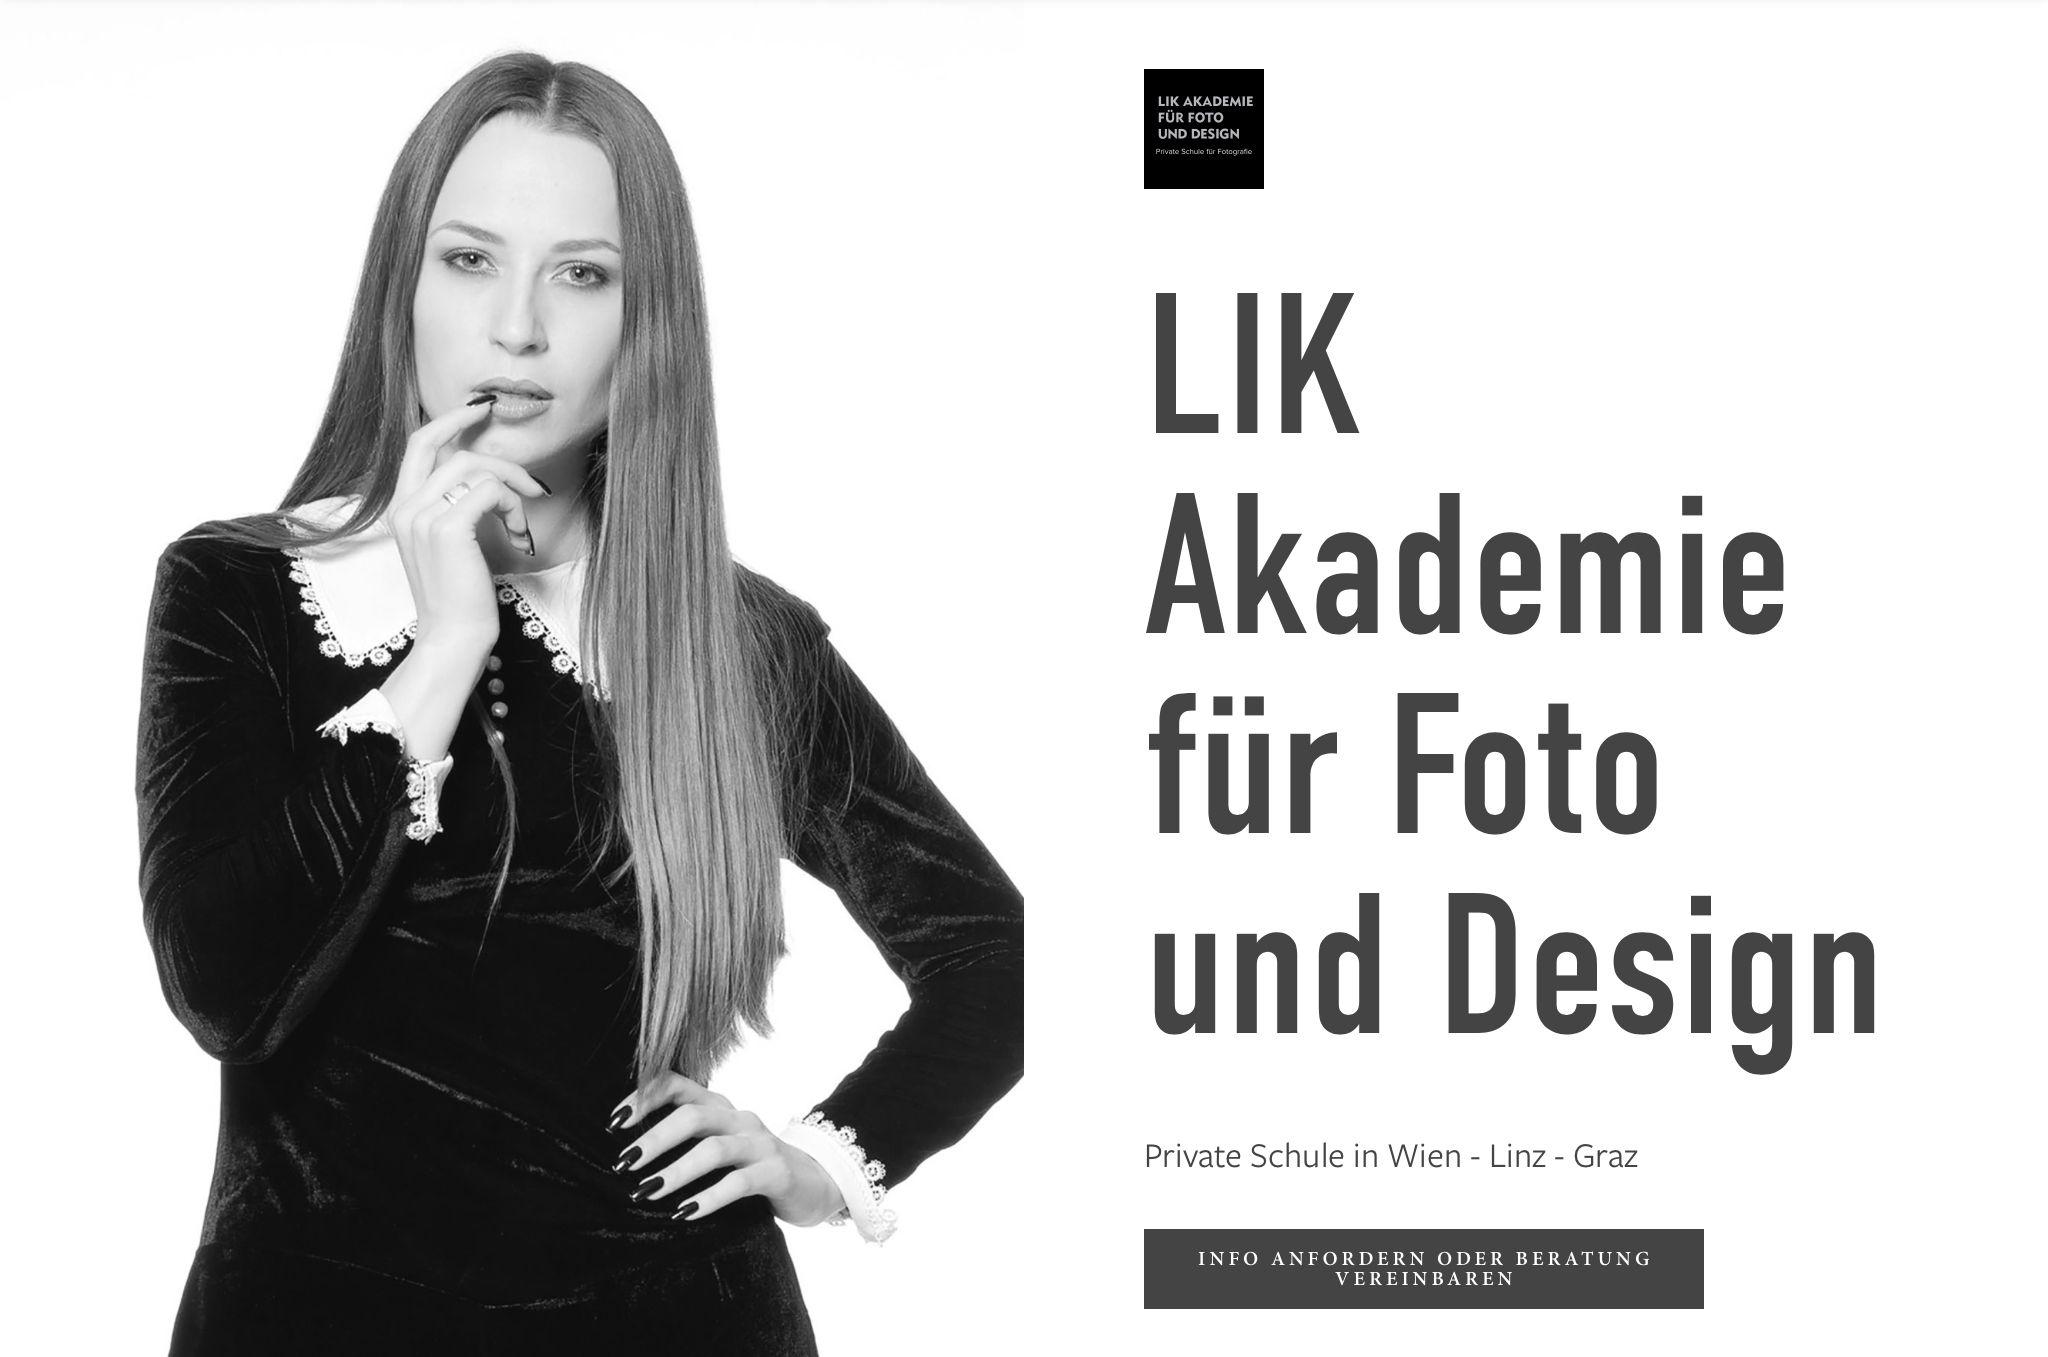 Kreative Ausbildung Fotografie Filmen Mediendesign Und Social